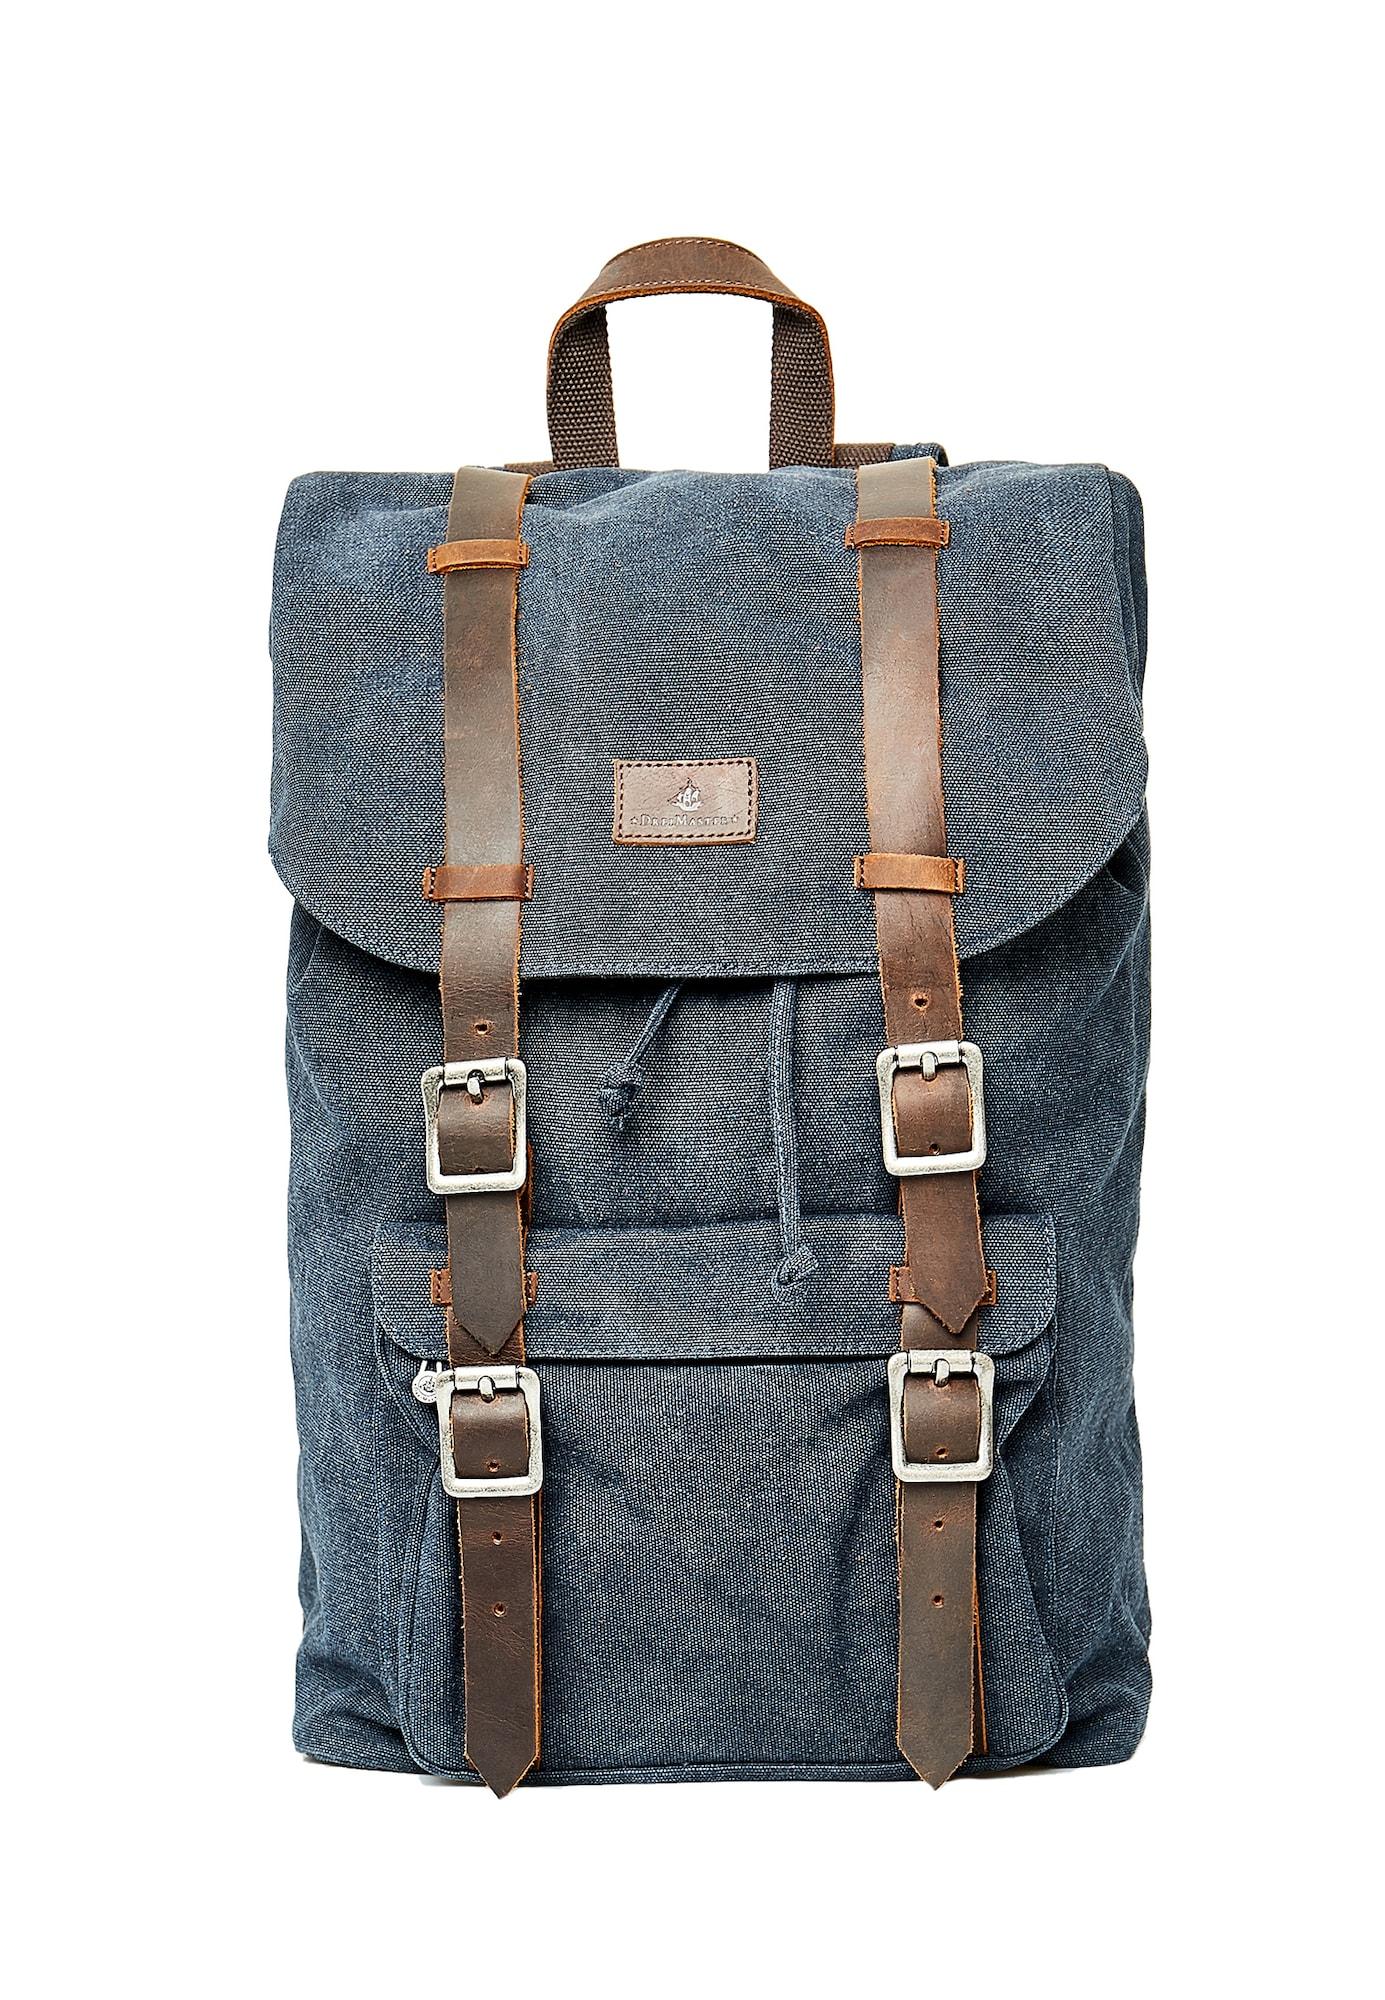 Rucksack | Taschen > Rucksäcke > Sonstige Rucksäcke | dreimaster